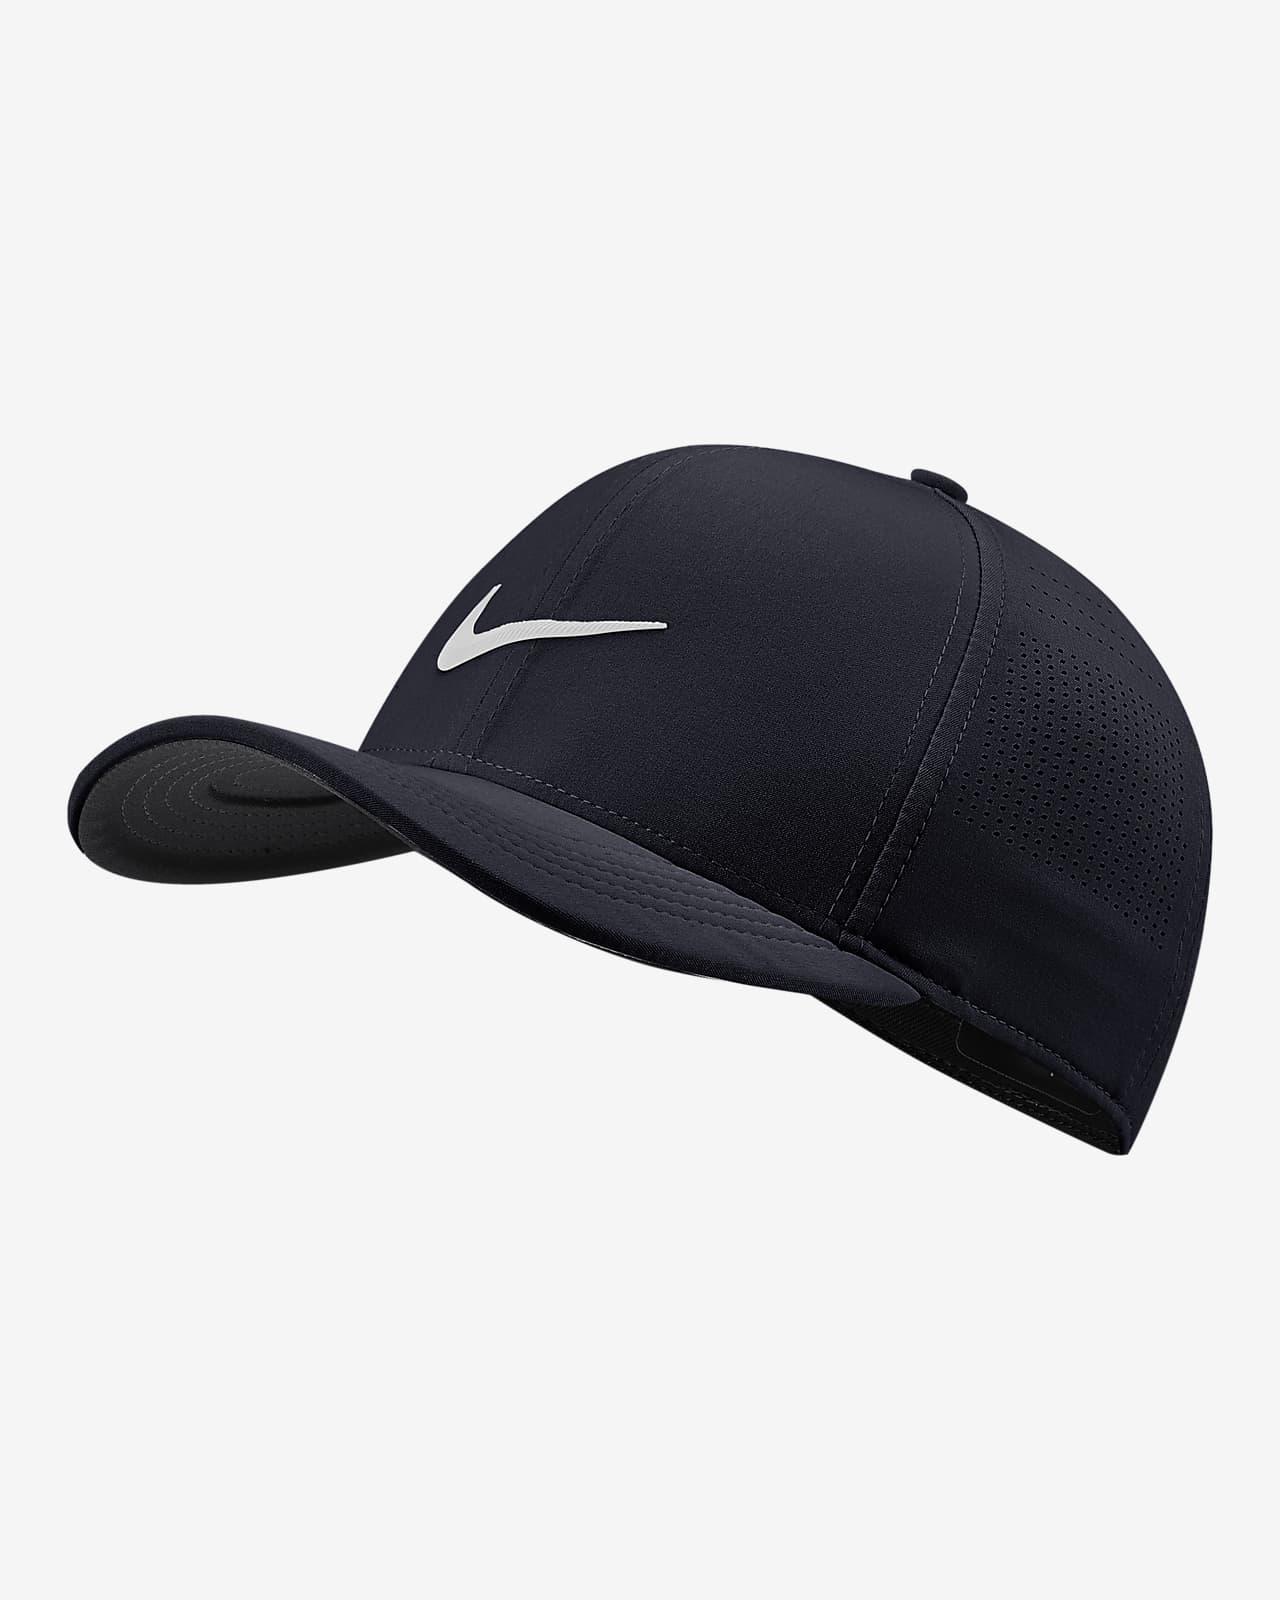 Καπέλο γκολφ Nike AeroBill Classic99